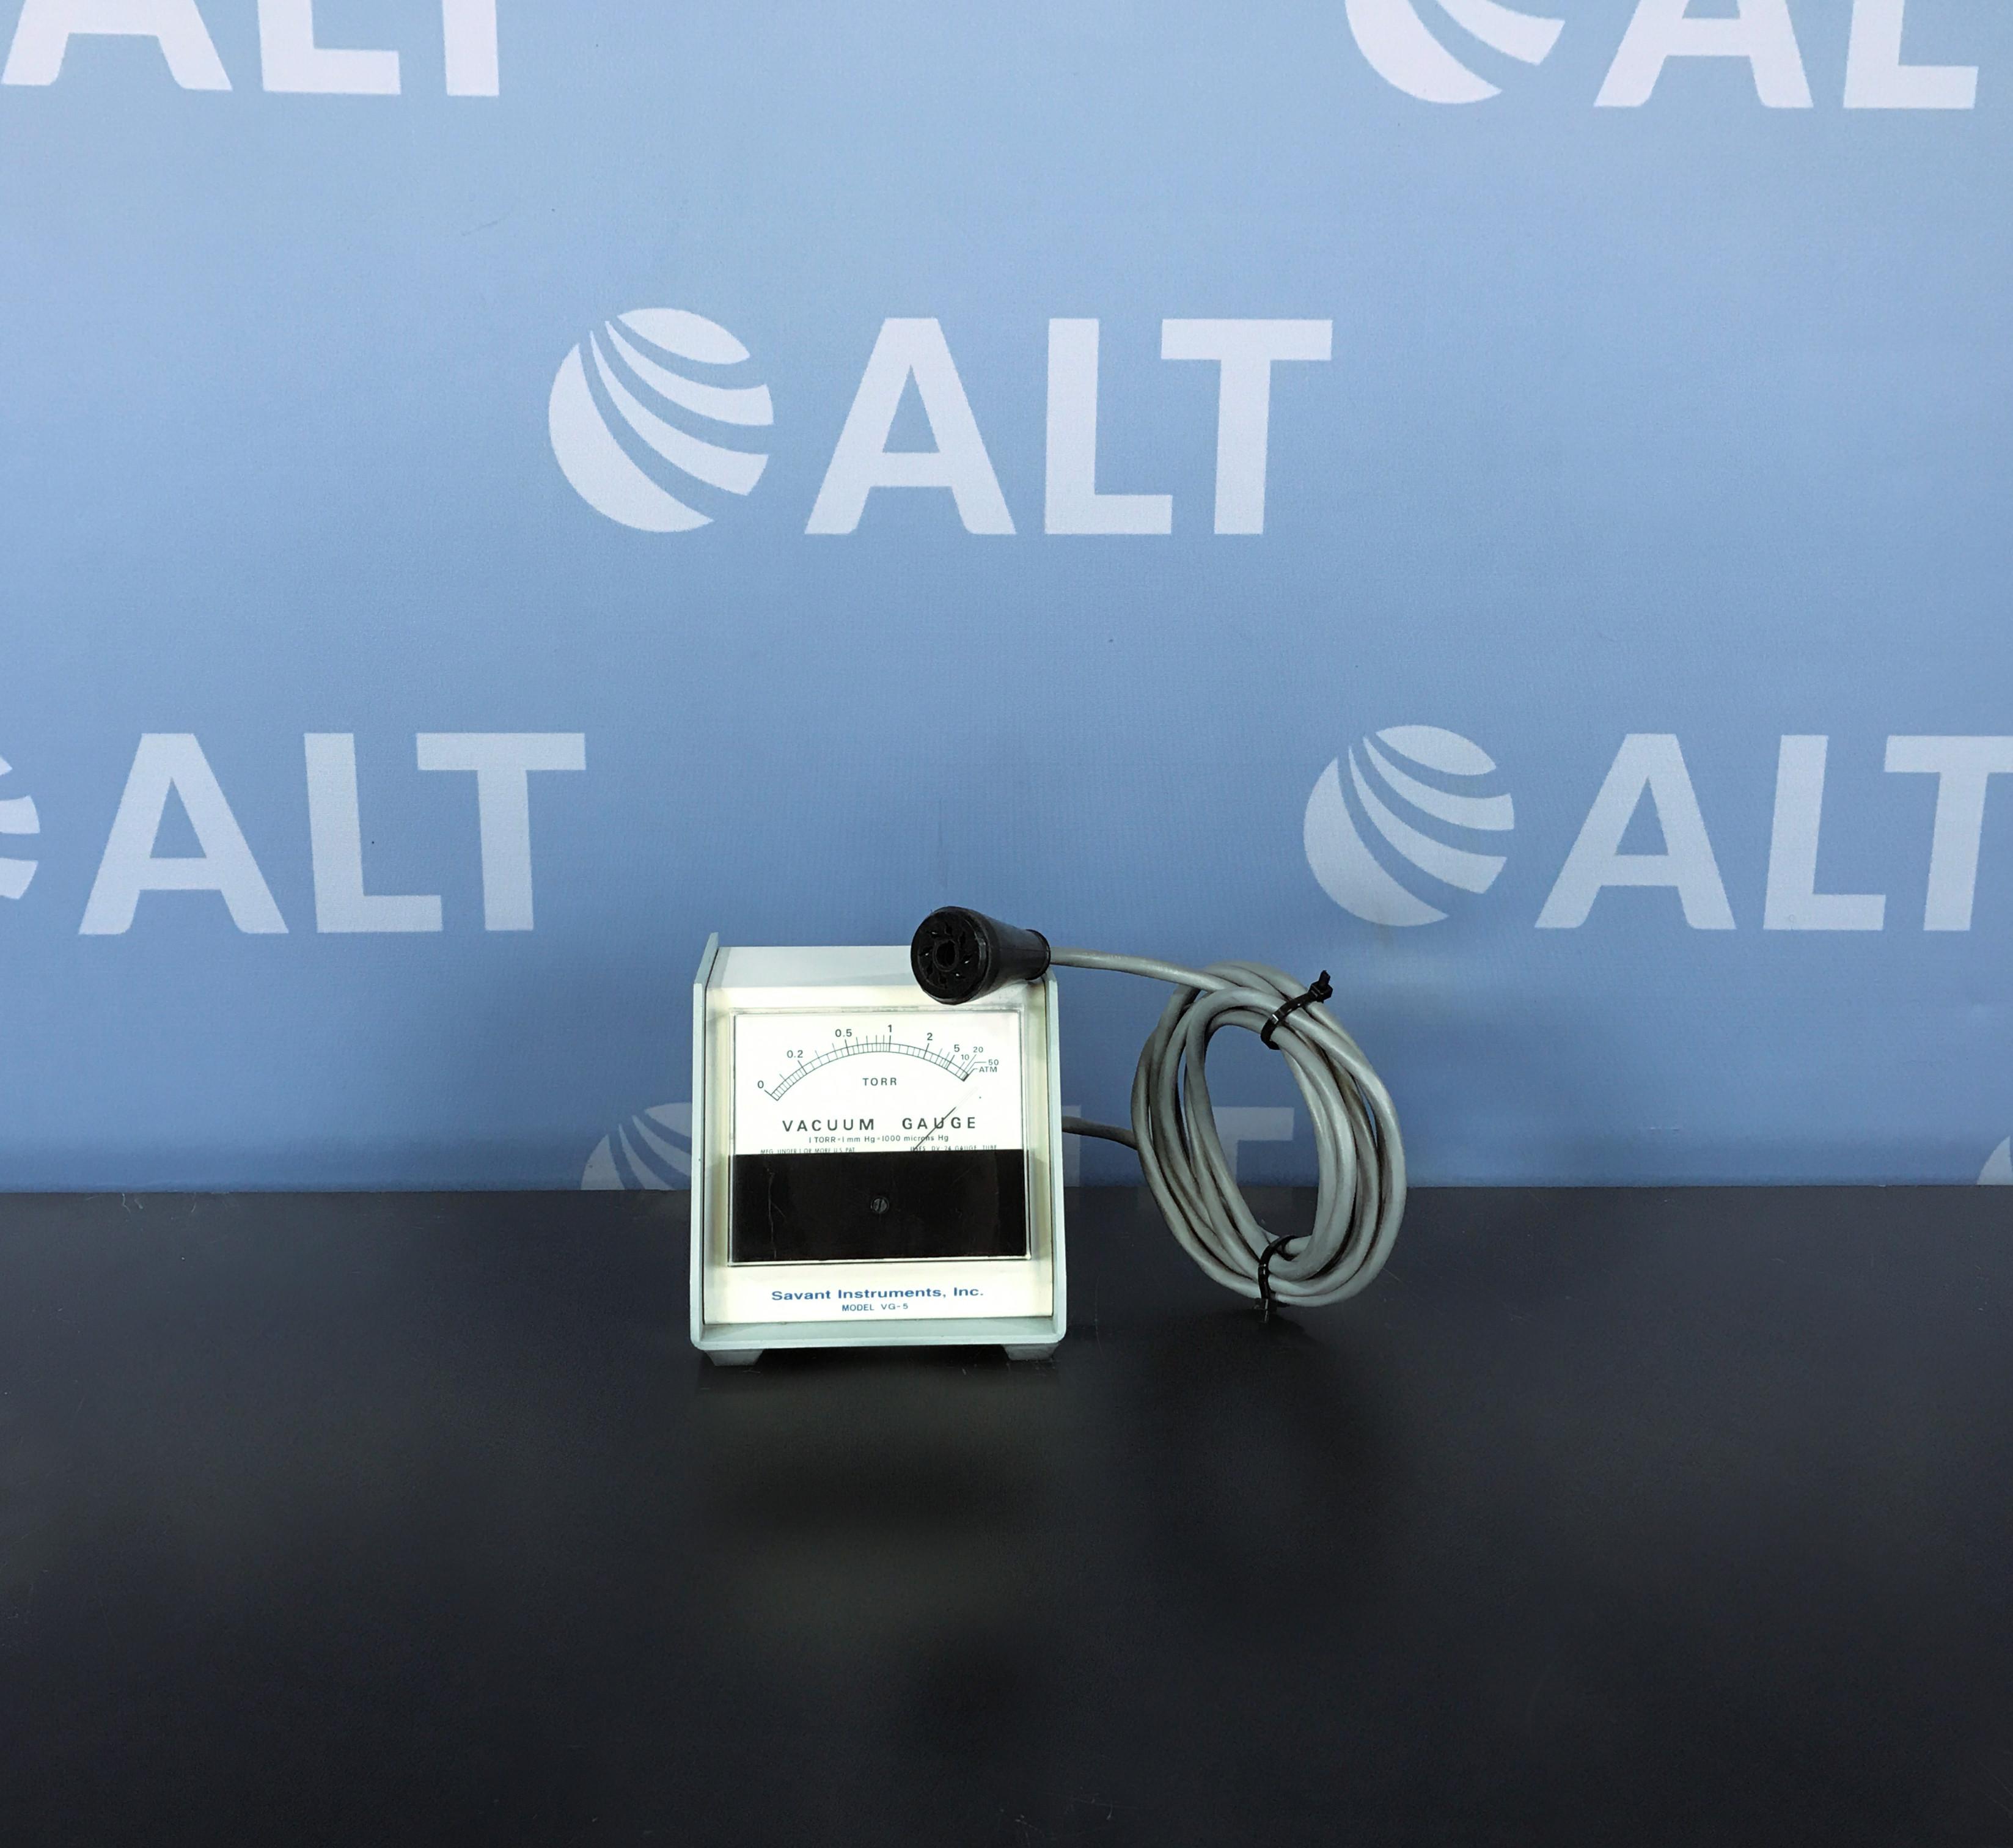 Savant VG 5 Vacuum Gauge Image